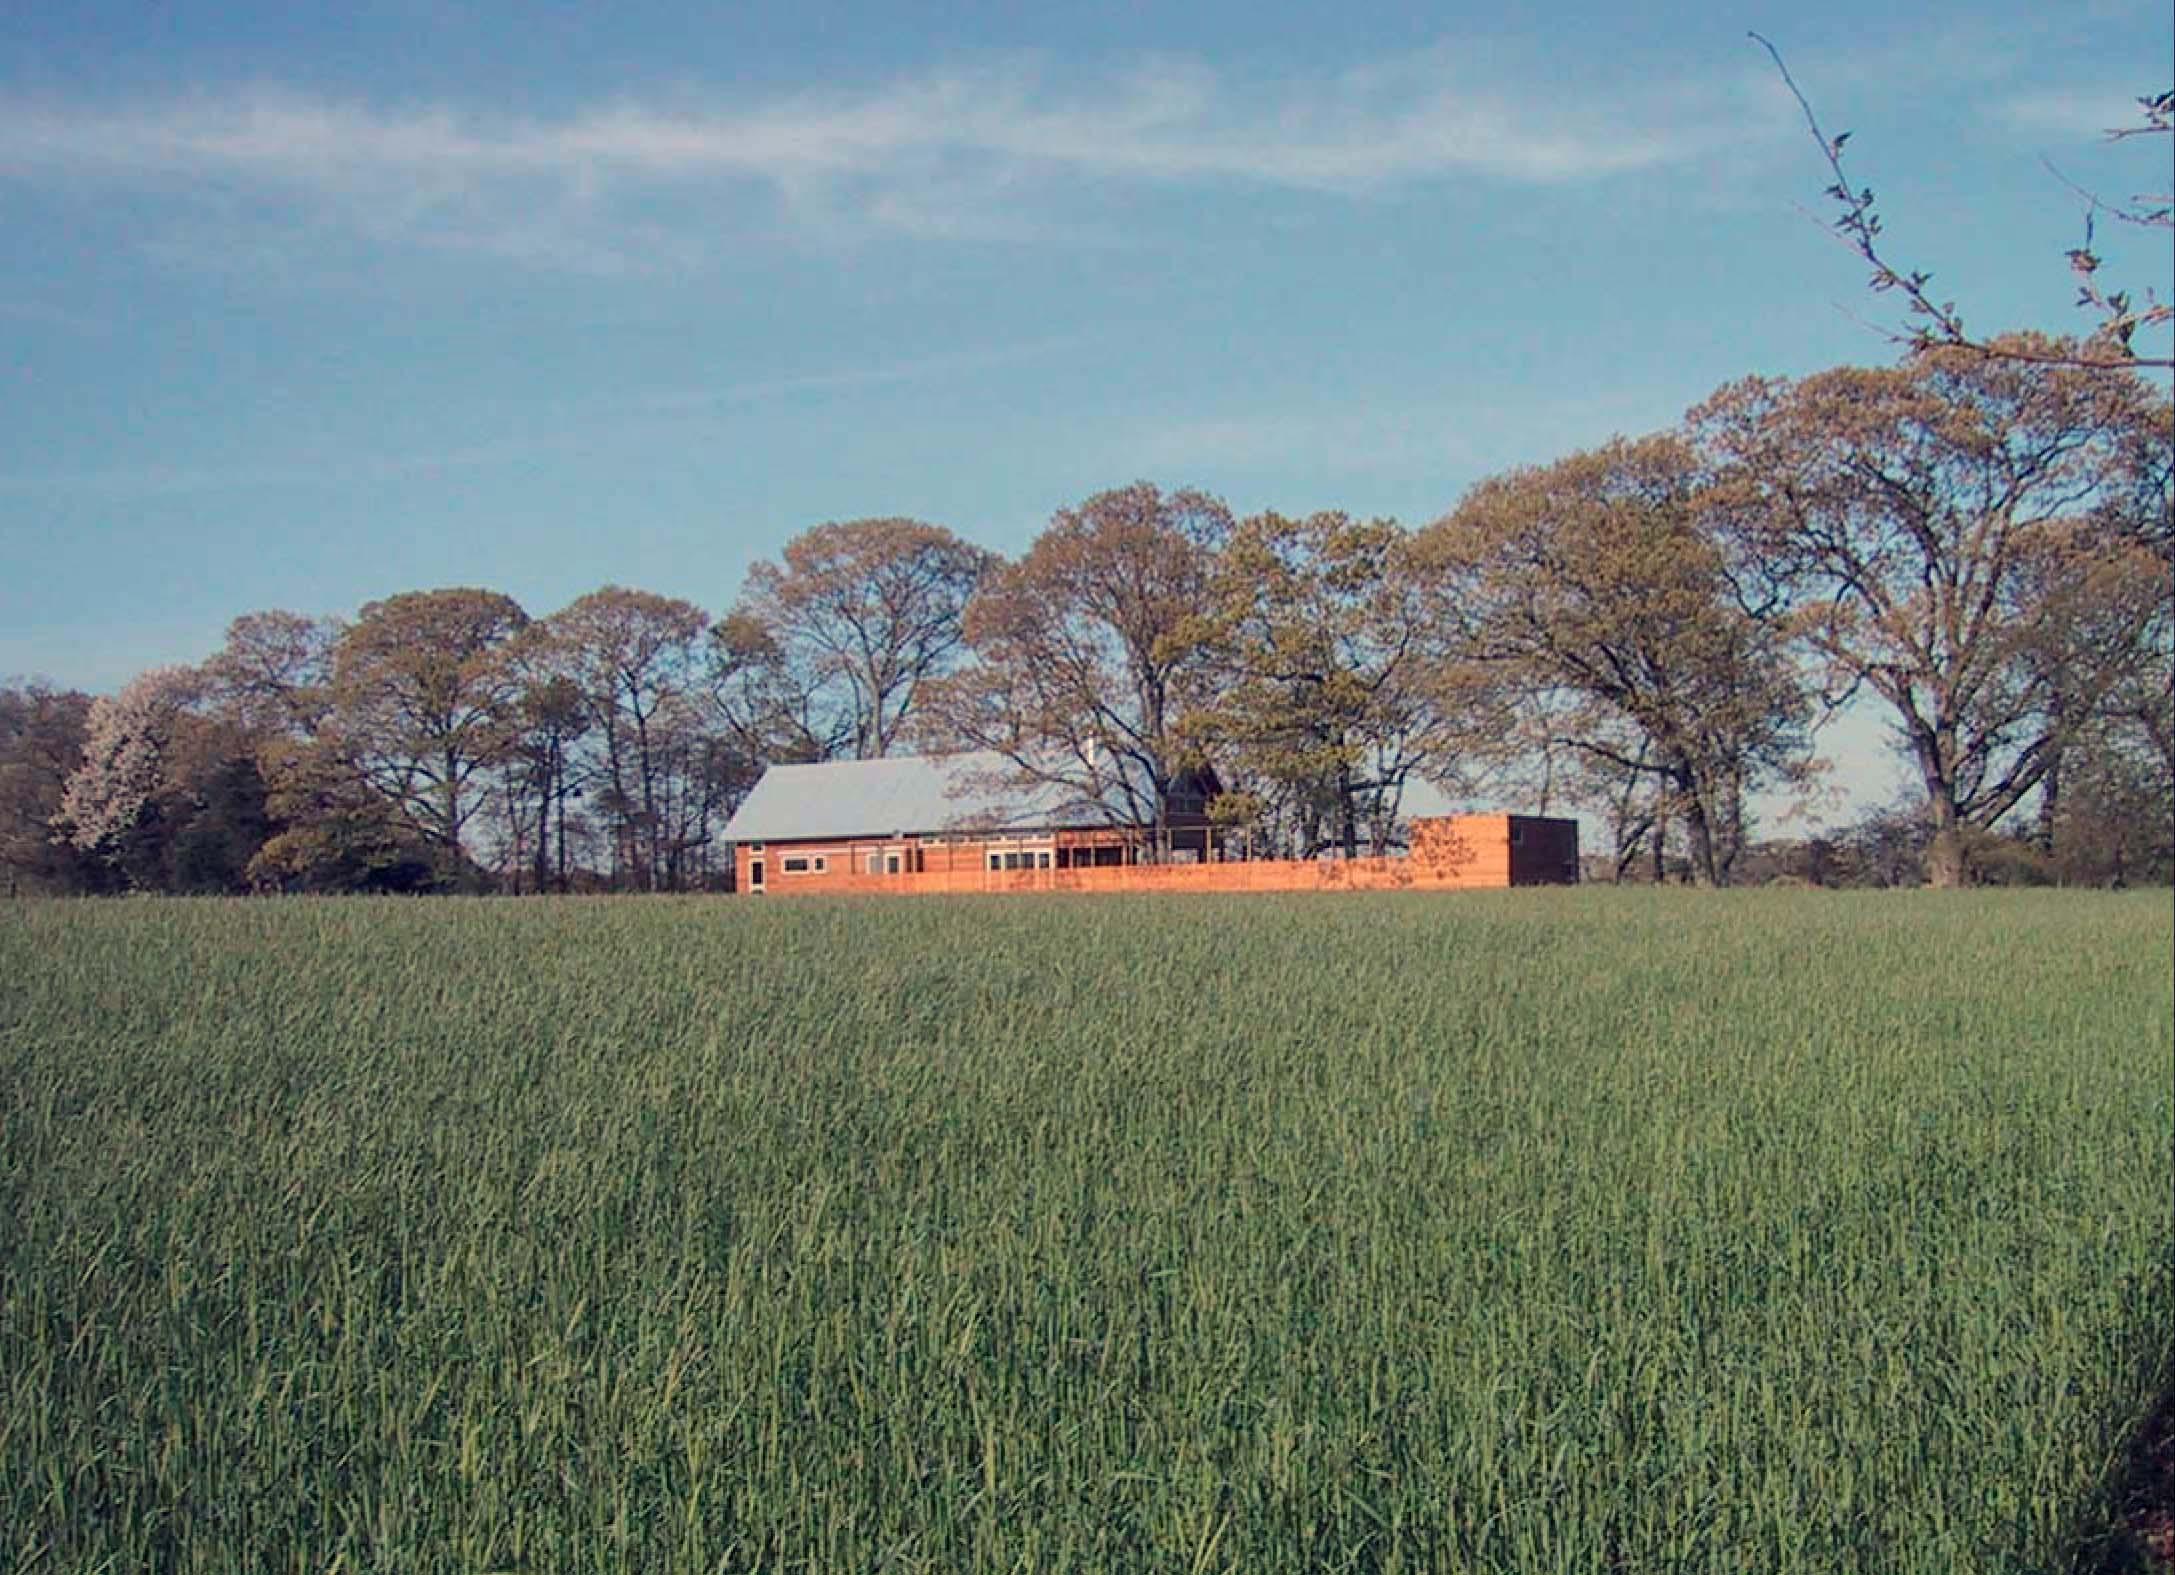 MAARTENS-MURRAY HOUSE